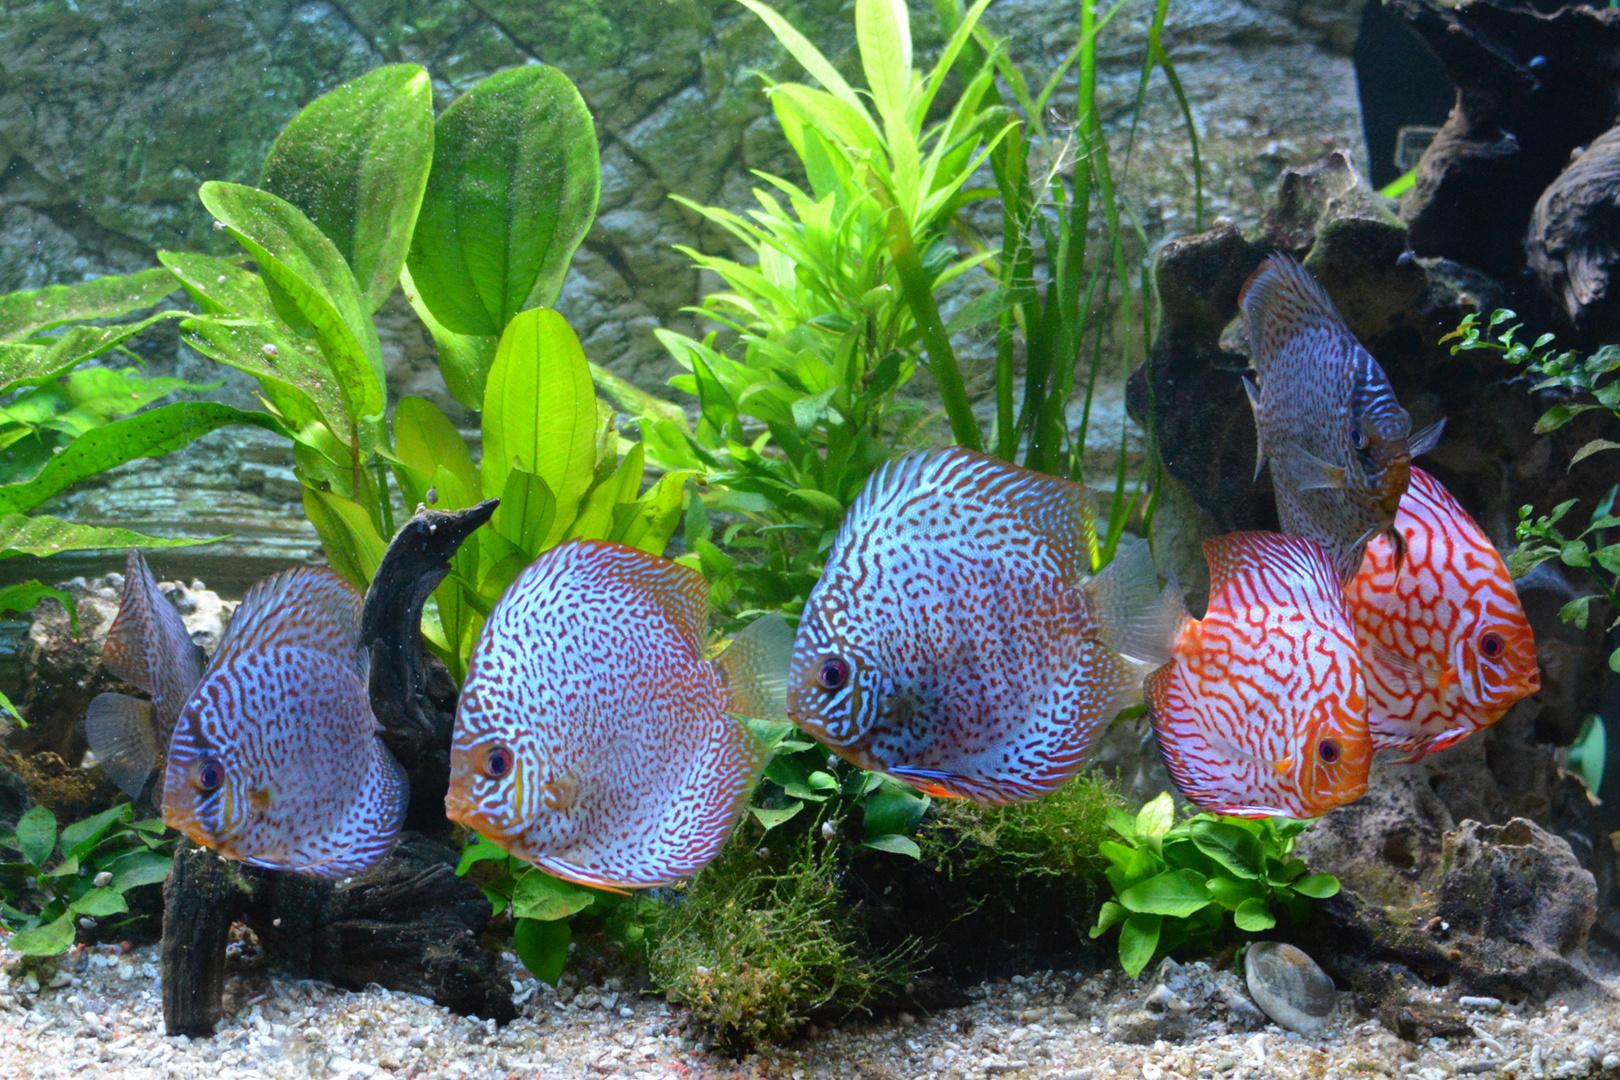 Diskusfische Amazonas 5